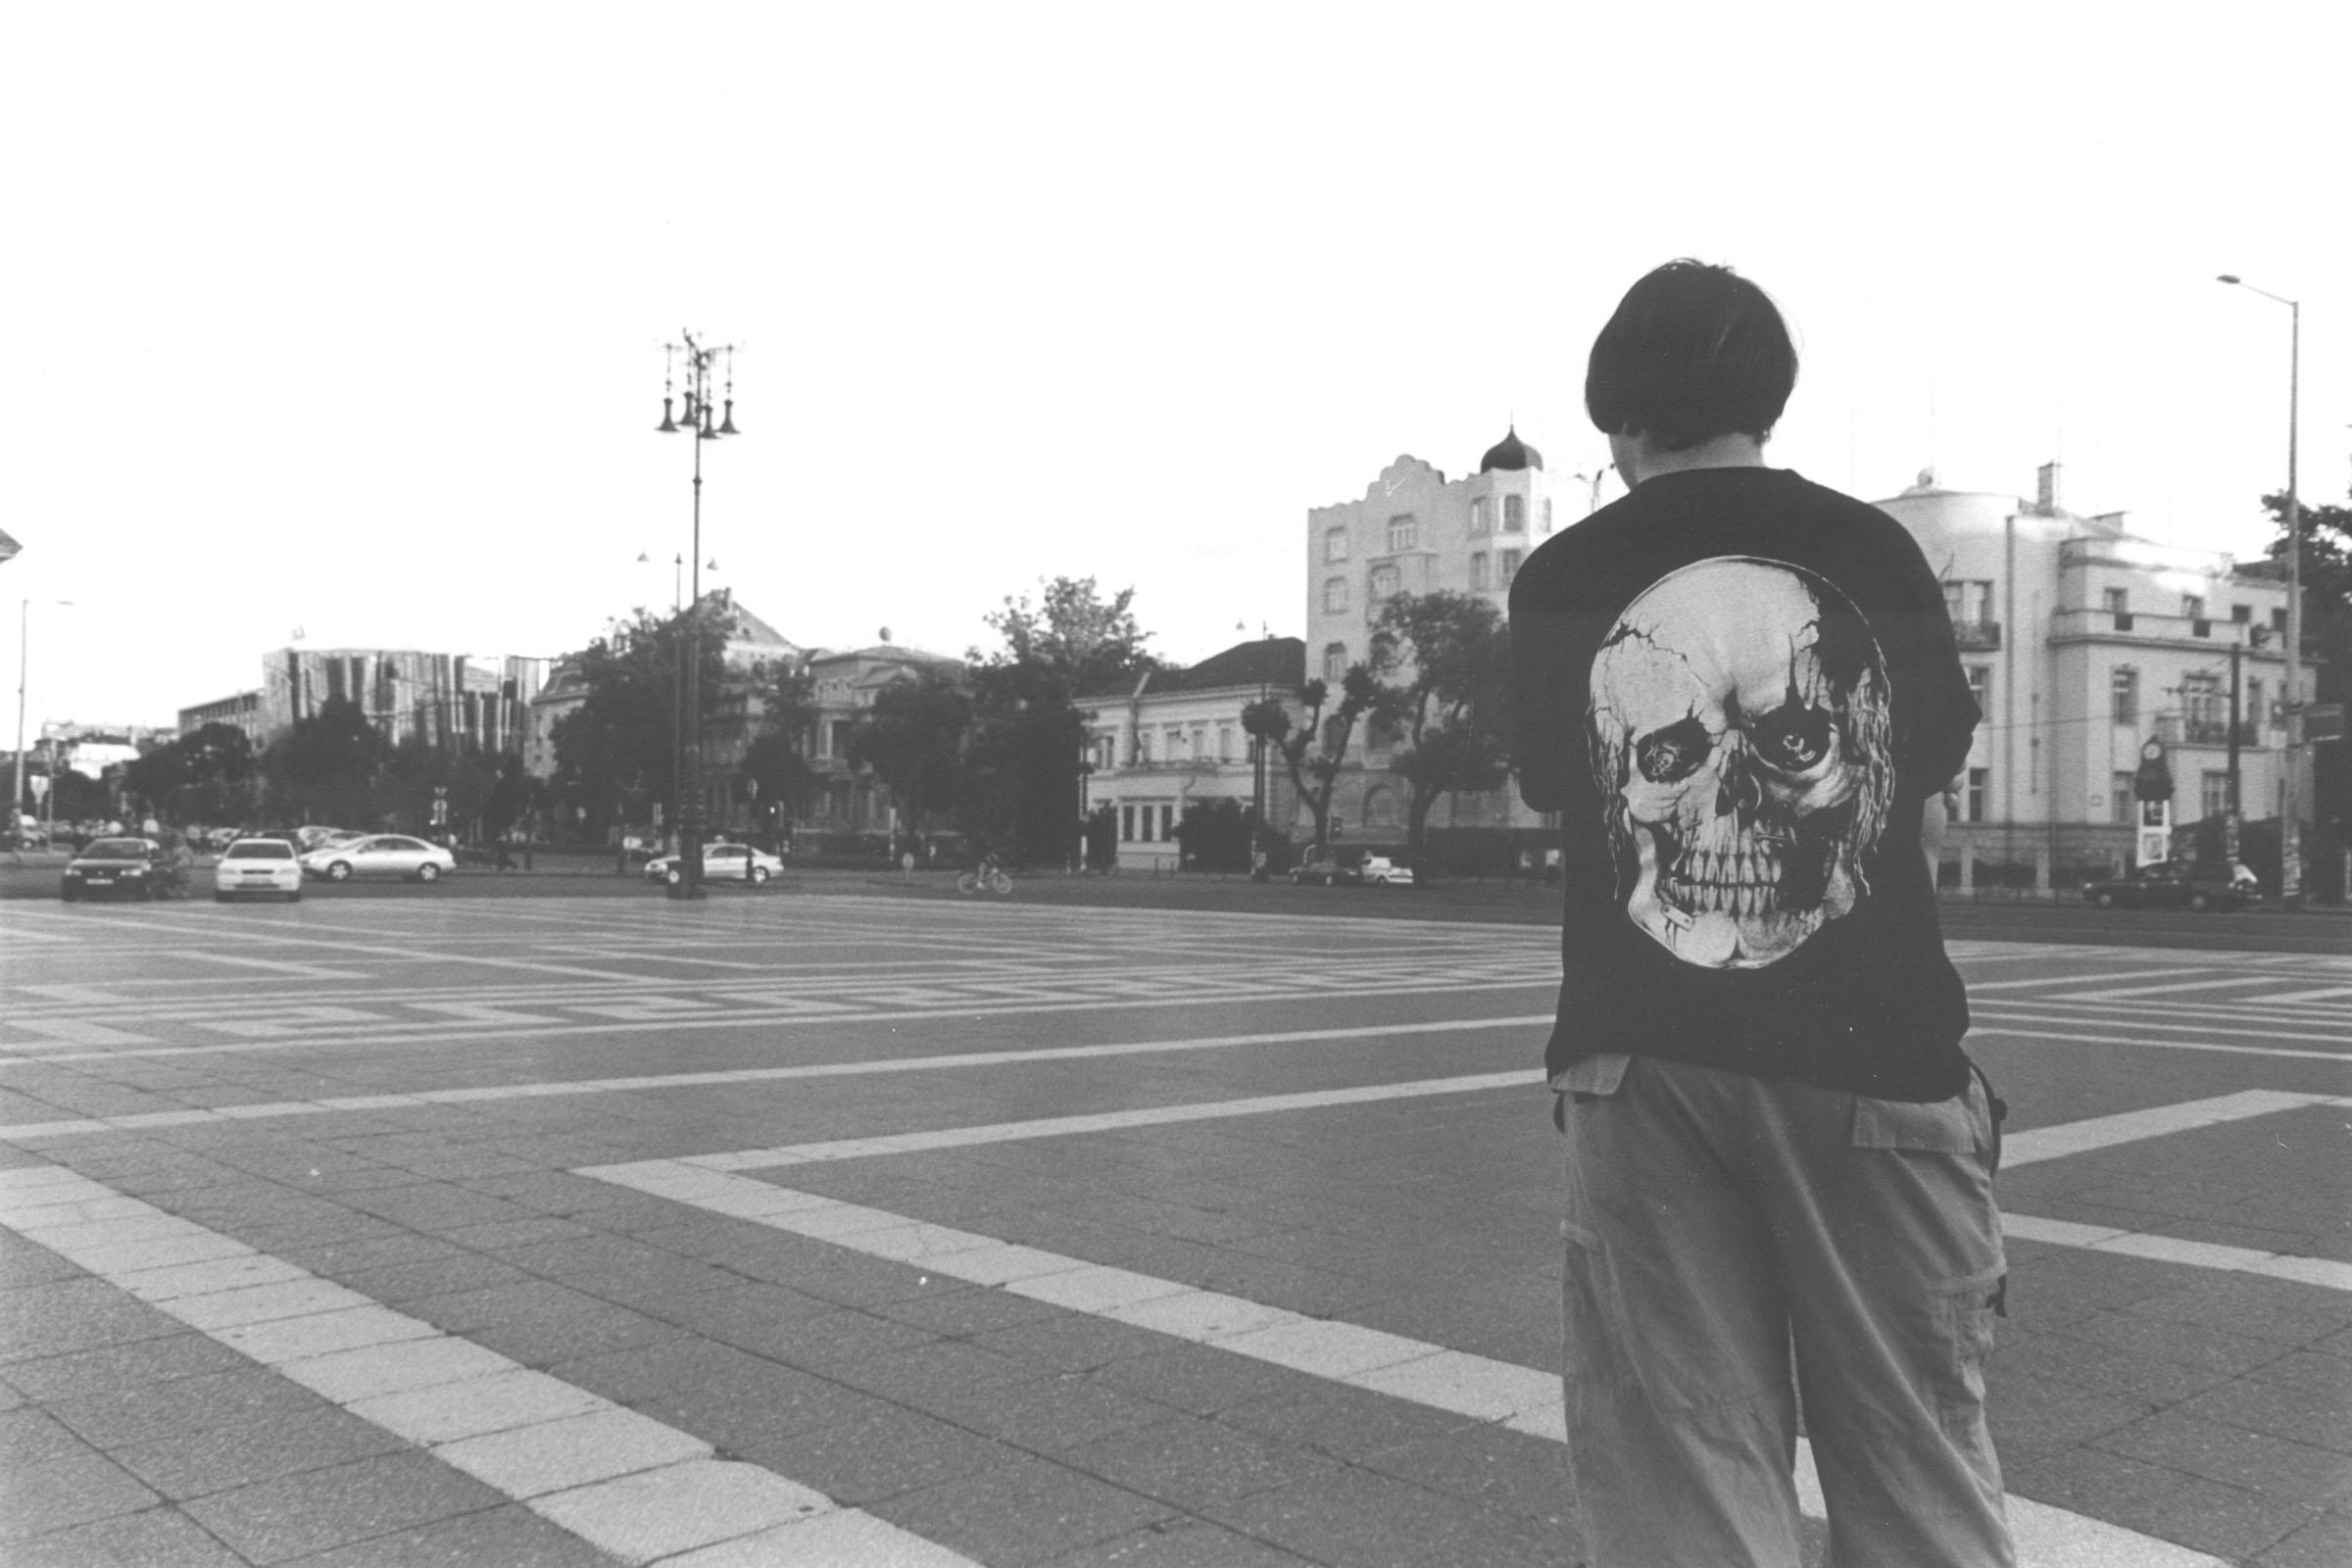 2004.09.18. Hétköznapok fotópályázat - Merjás Georgij - Még egy hős a téren.jpg